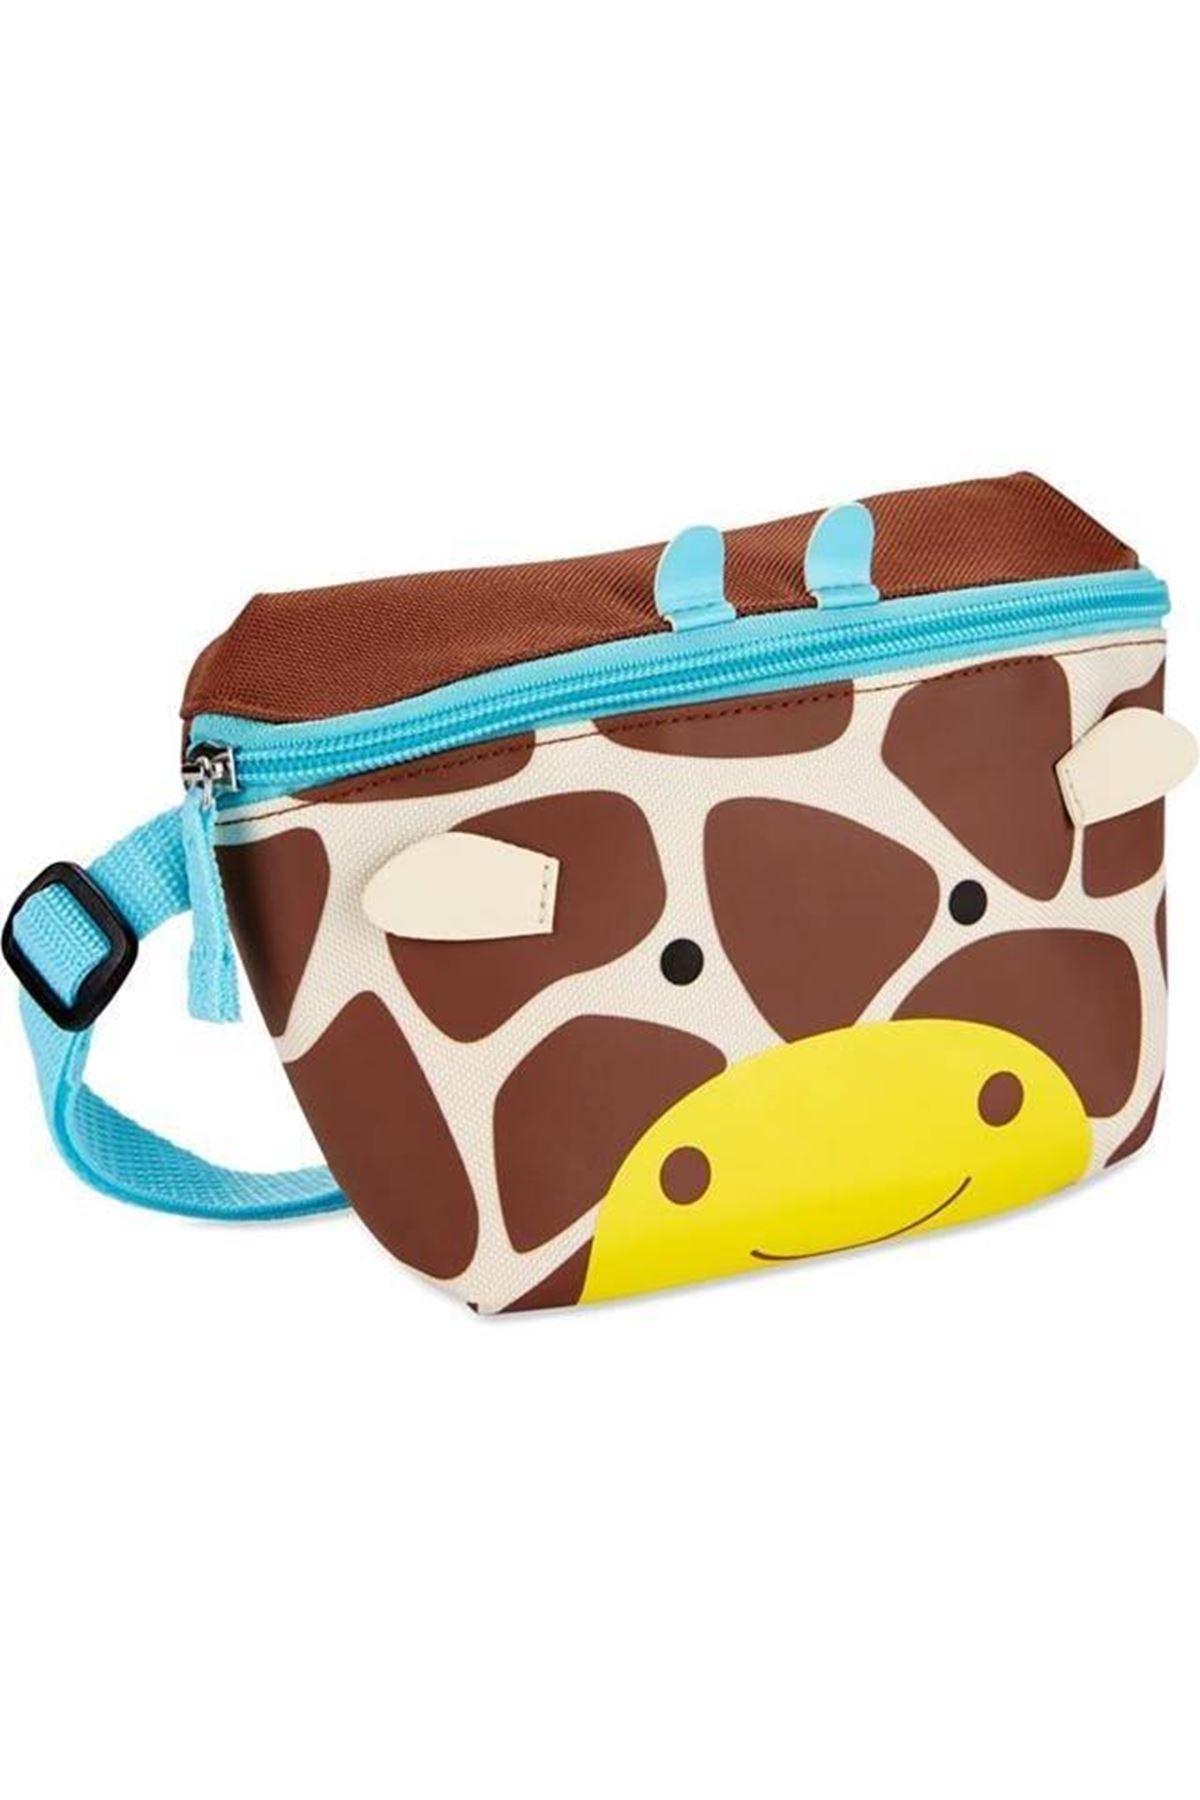 Skip Hop Zoo Bel Çantası Giraffe